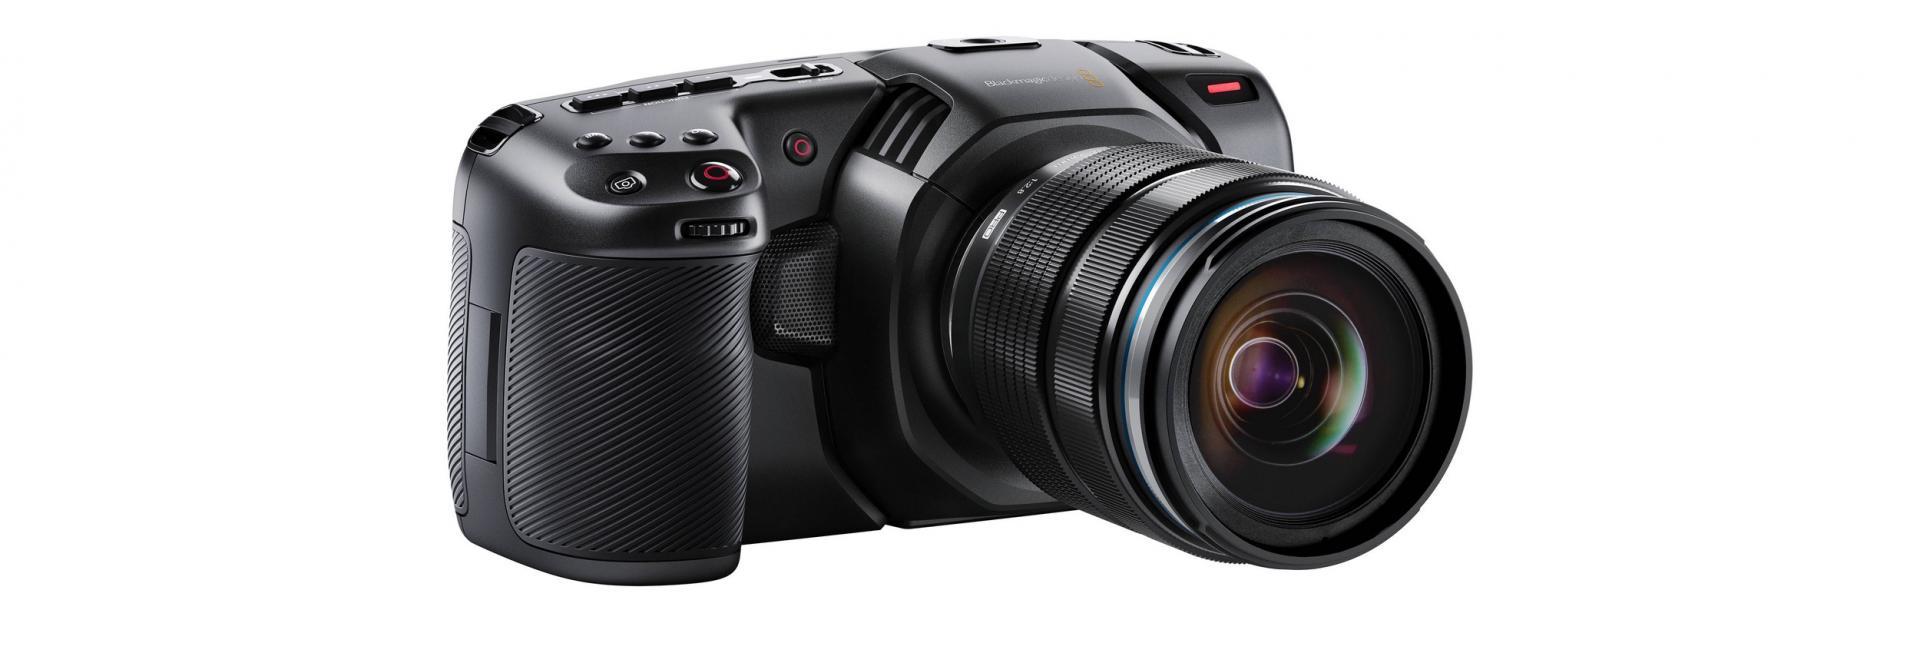 Blackmagic Pocket Cinema Camera 4K gira film in 4K RAW